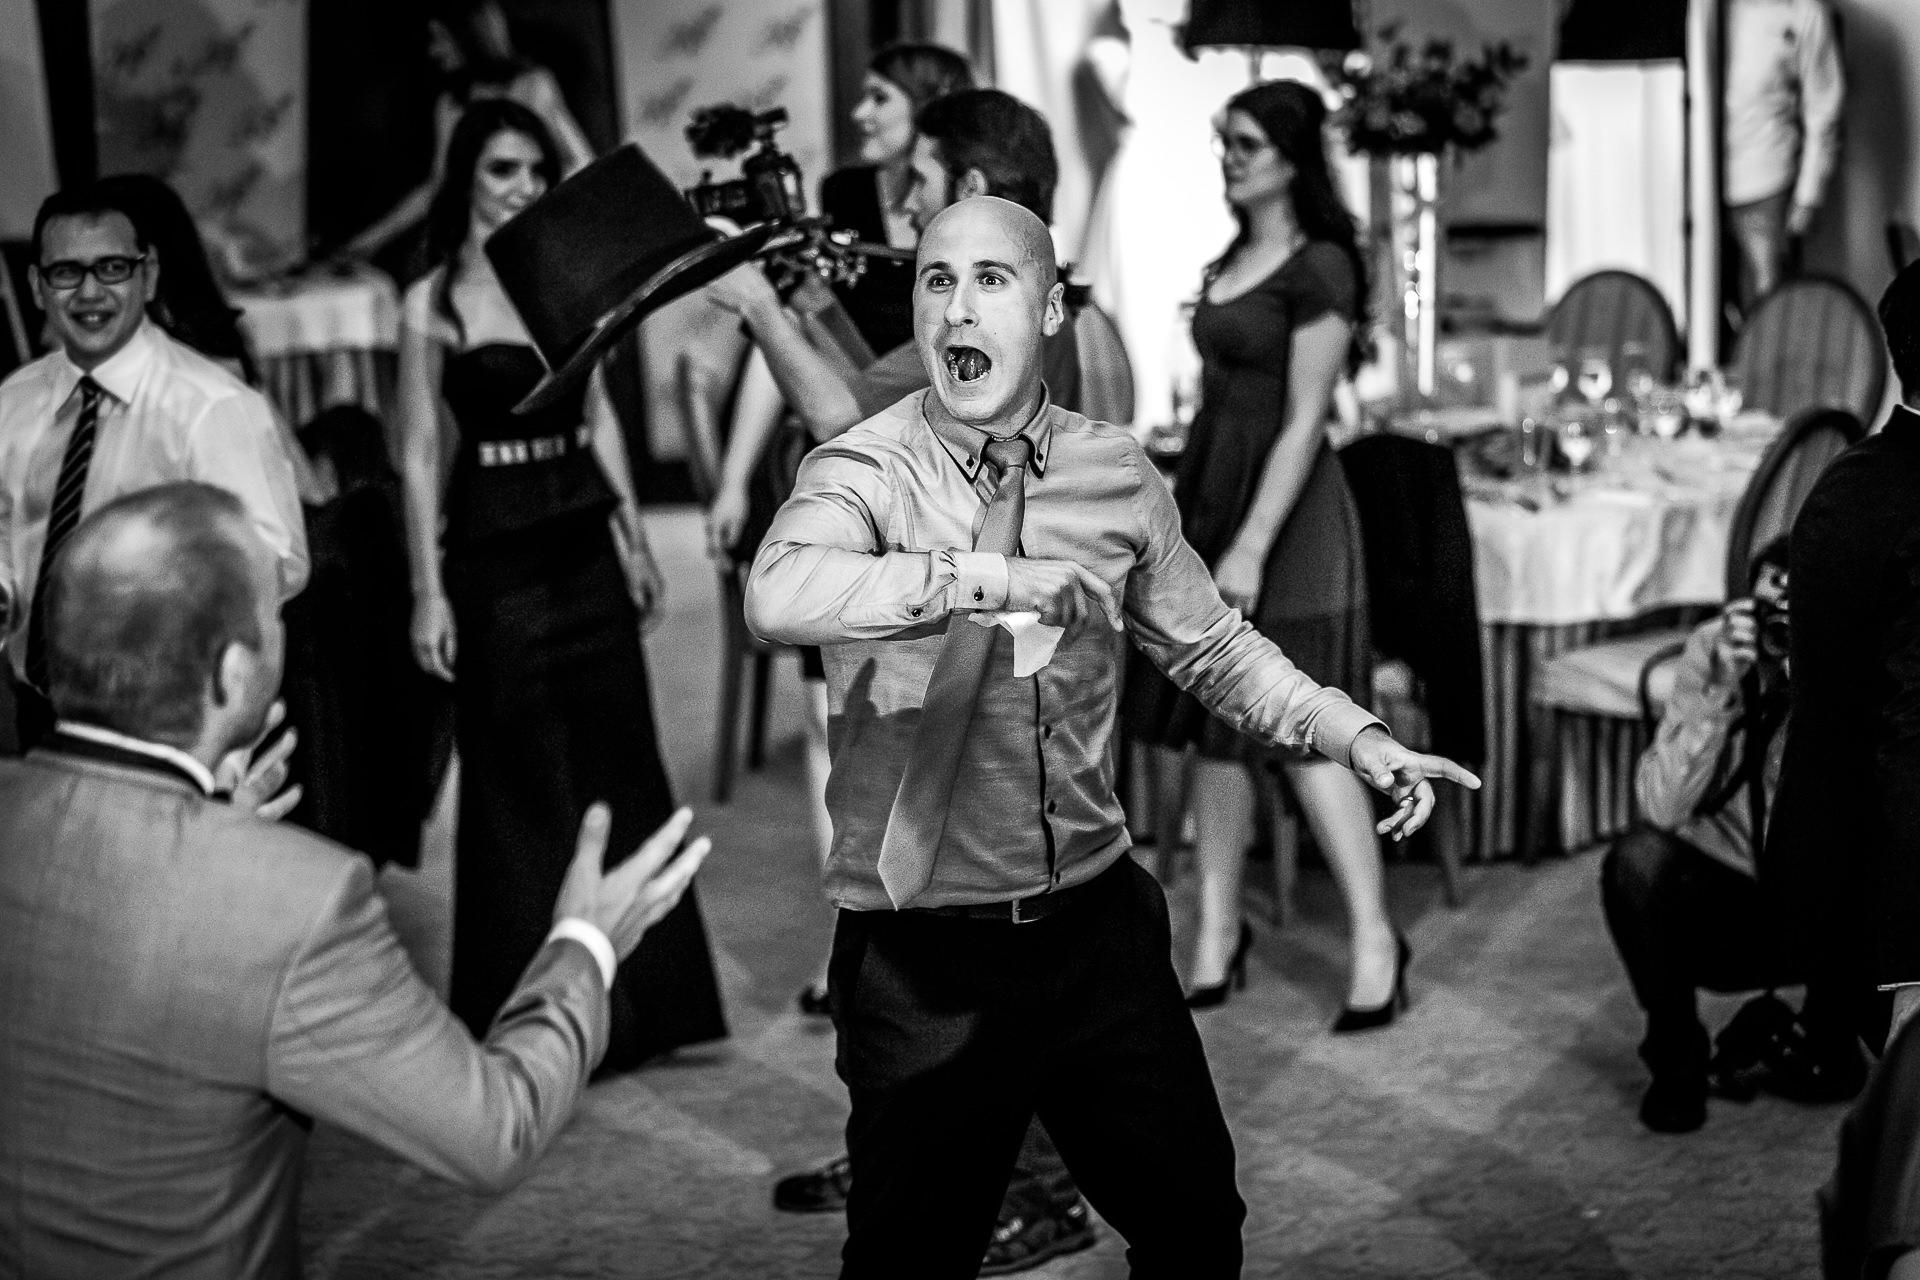 nuntă Salon Elisabeta - Elena şi Costin - Mihai Zaharia Photography - 068